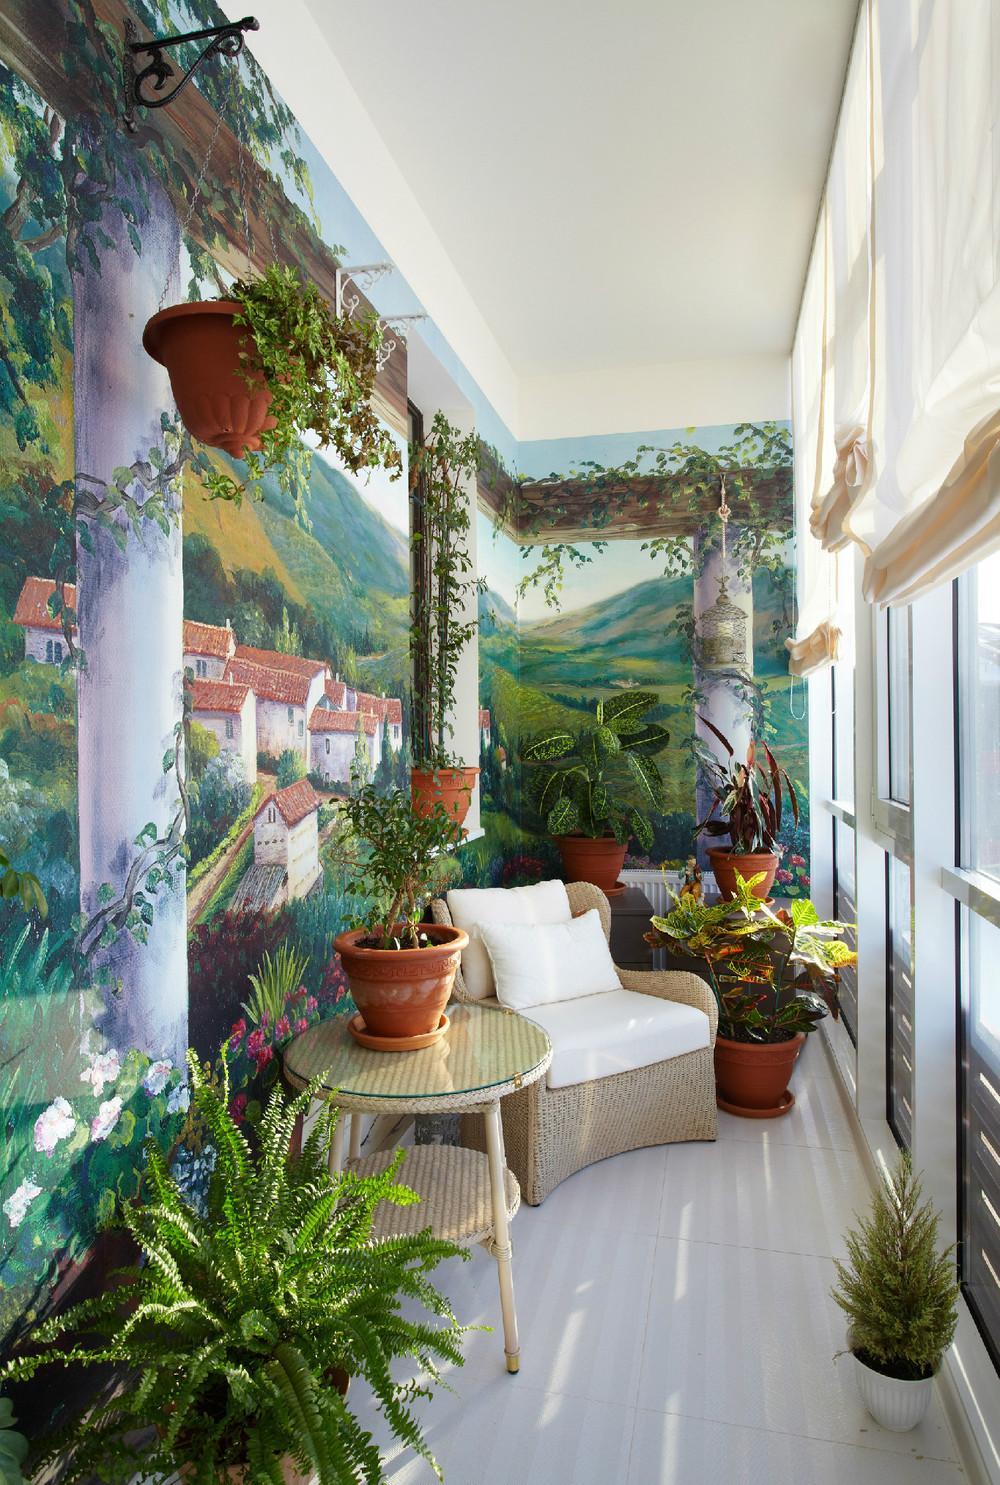 Оформления балкона цветами и необычной росписью